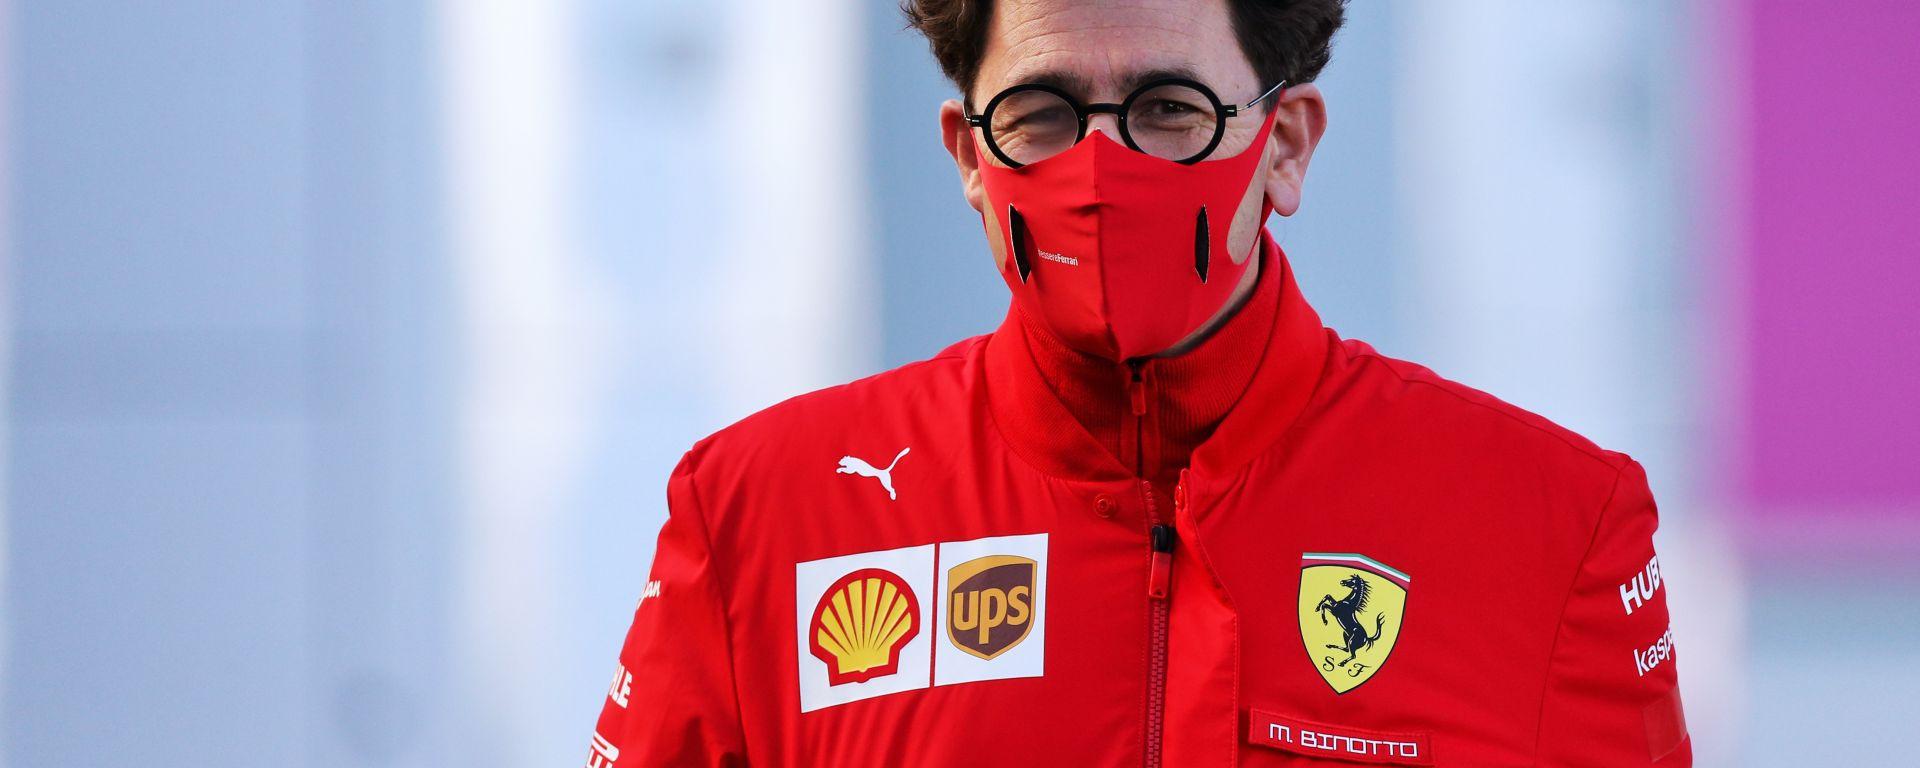 Il team principal della Ferrari, Mattia Binotto